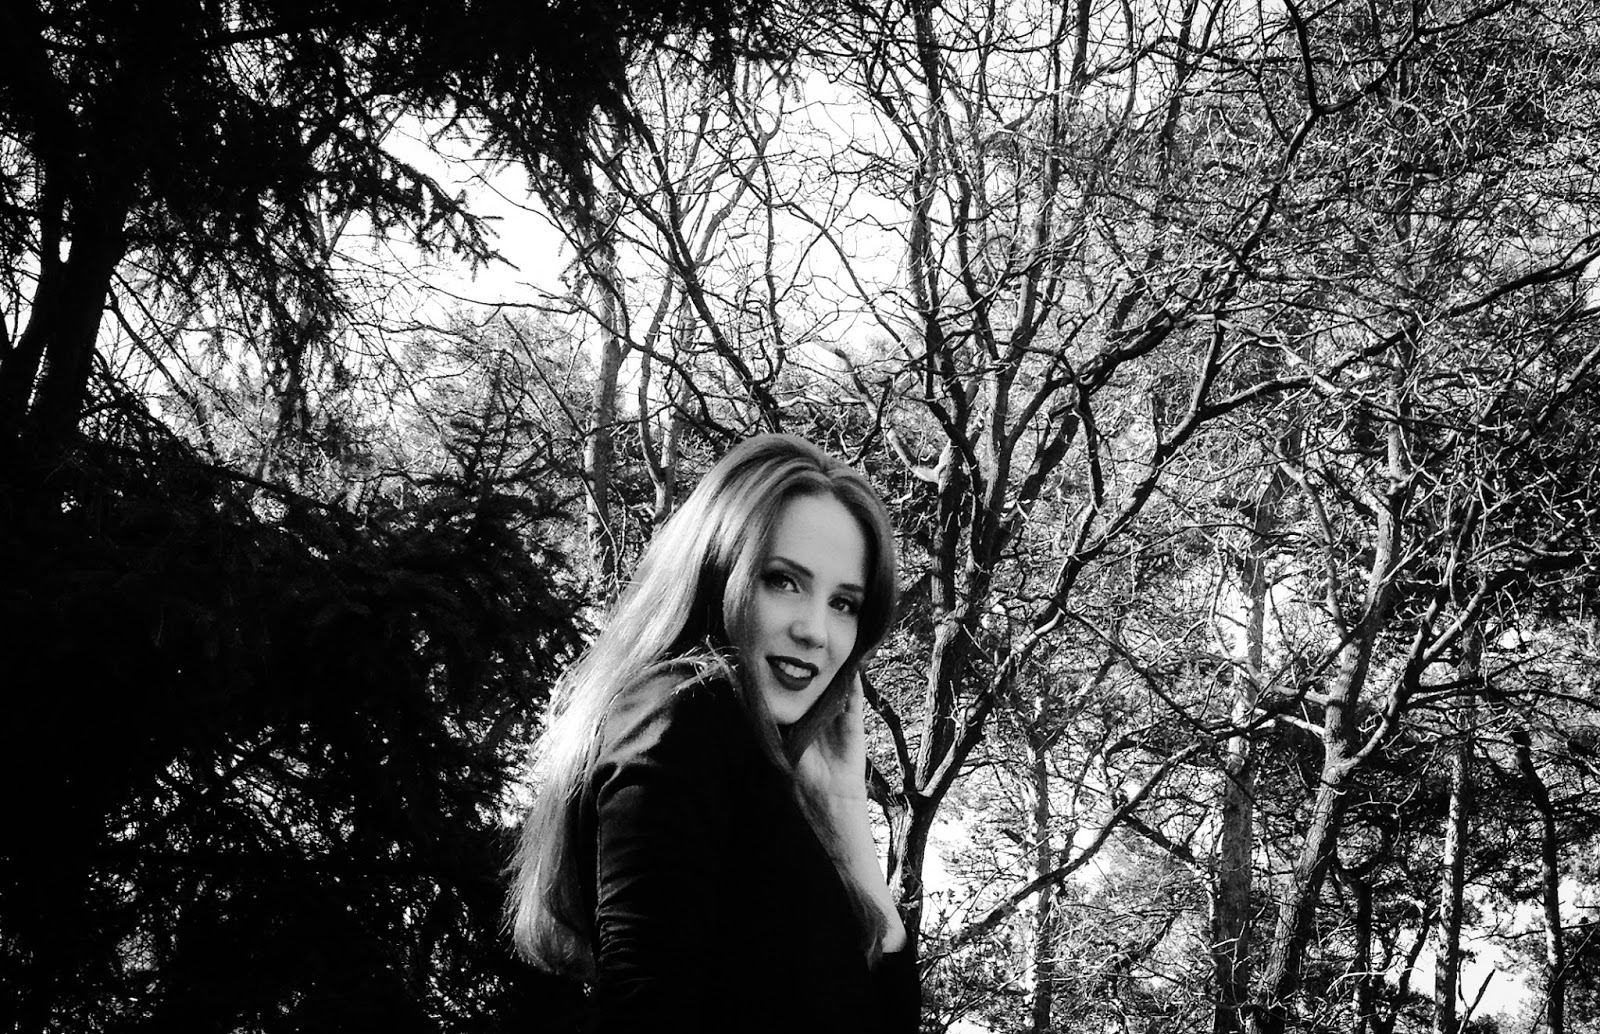 Fotos de Simone Simons - Página 27 BW